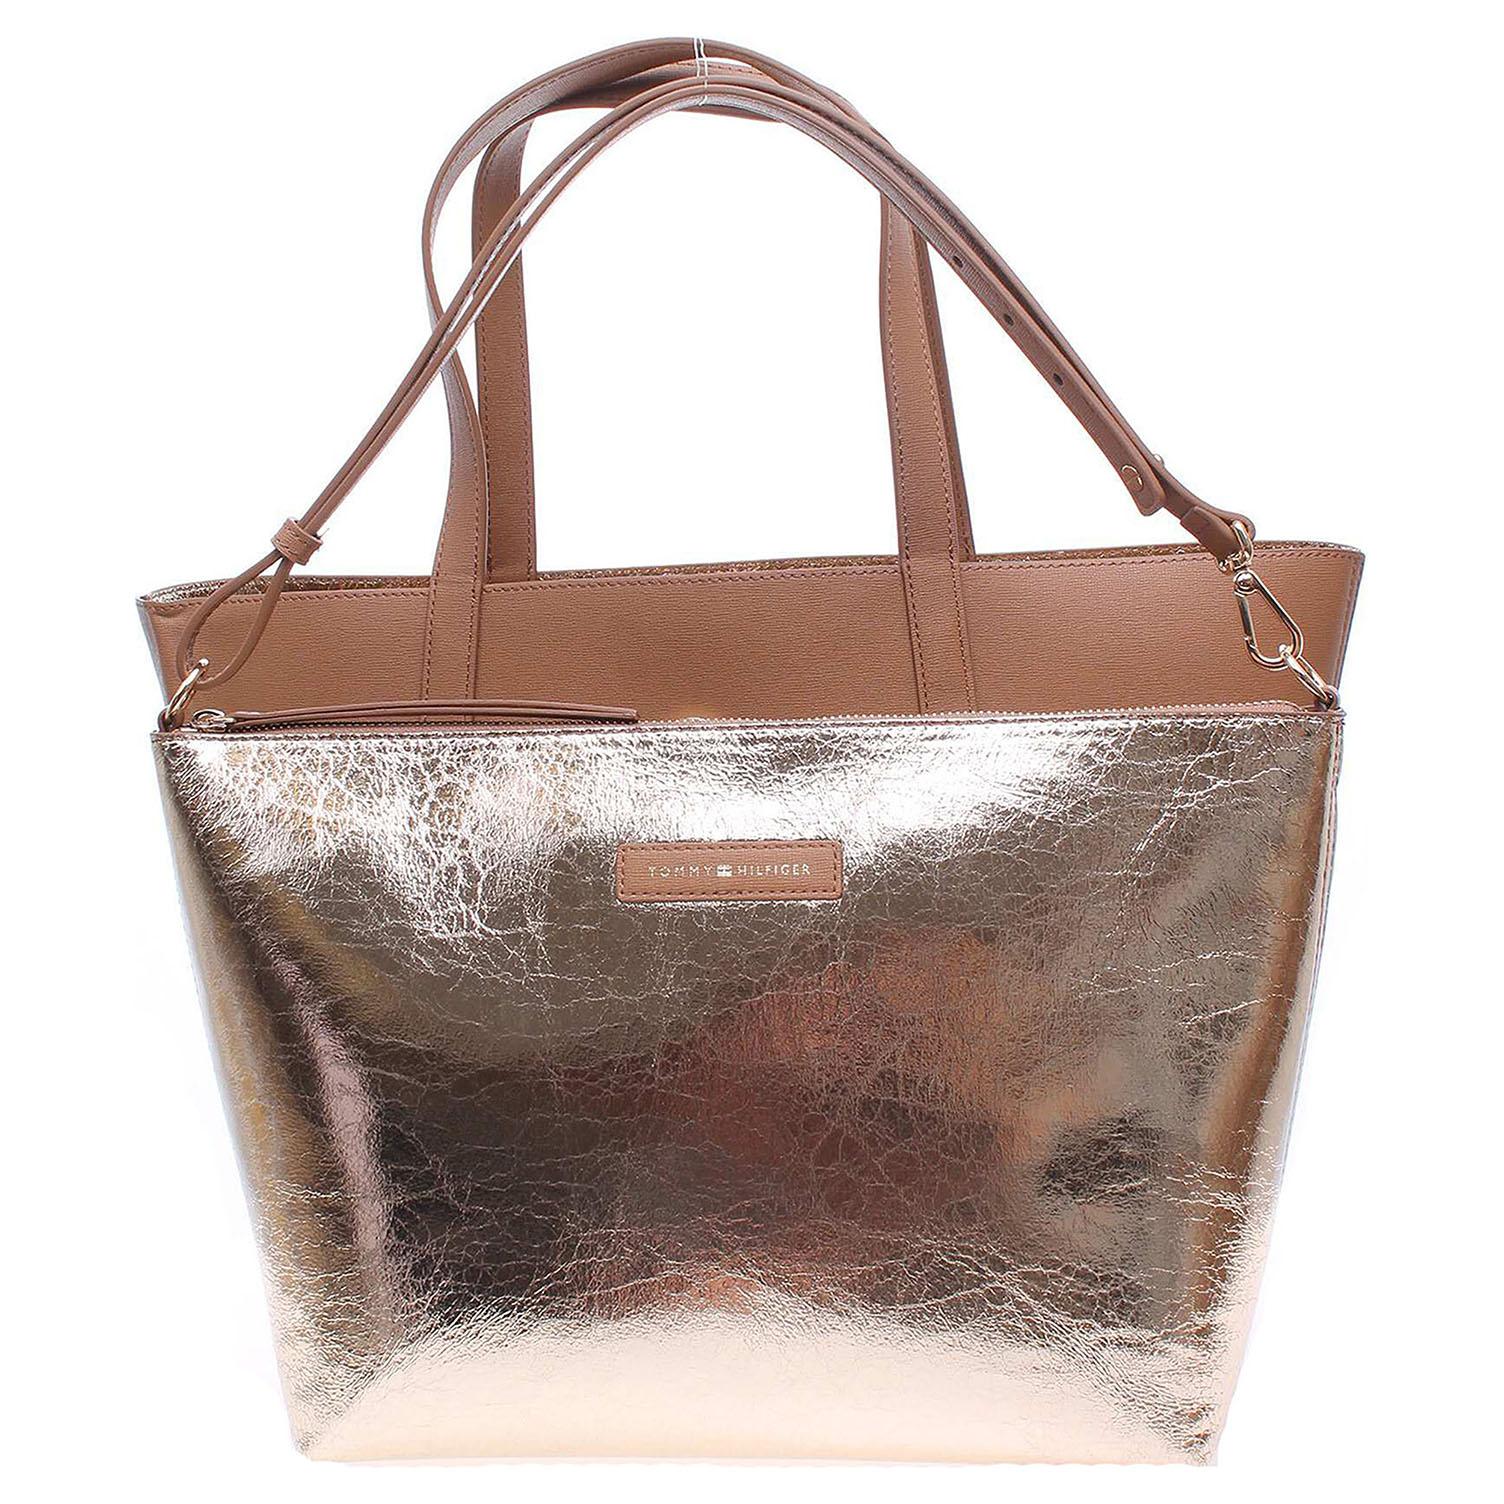 Ecco Tommy Hilfiger dámská kabelka AW0AW04137 béžová-zlatá 11891160